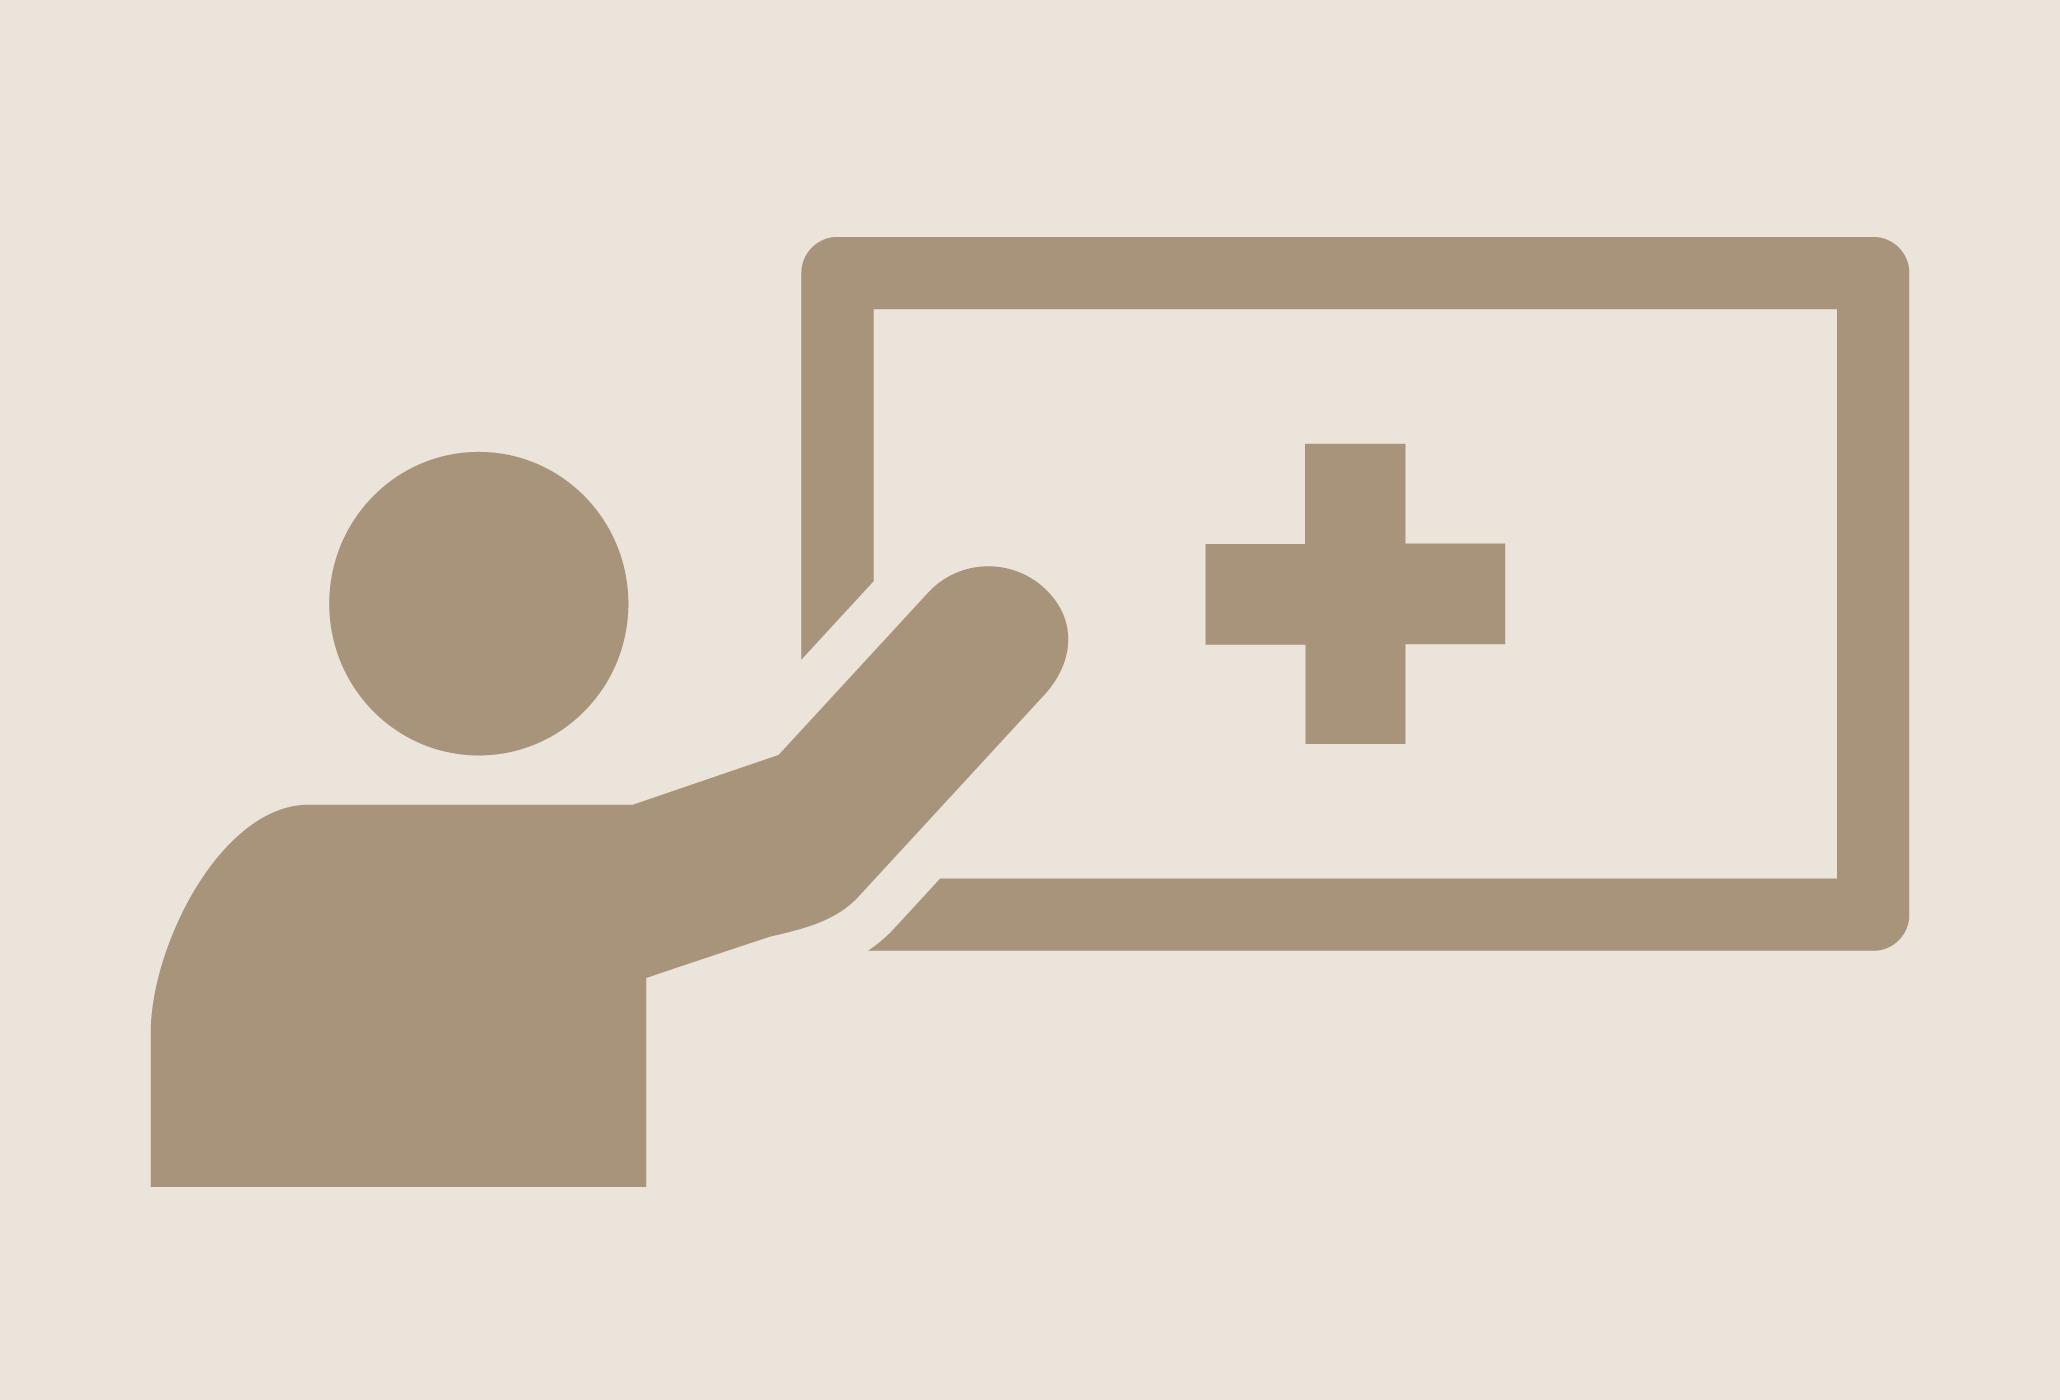 trau_dich_erste_hilfe_zu_leisten_sirmed_-_piktogramm